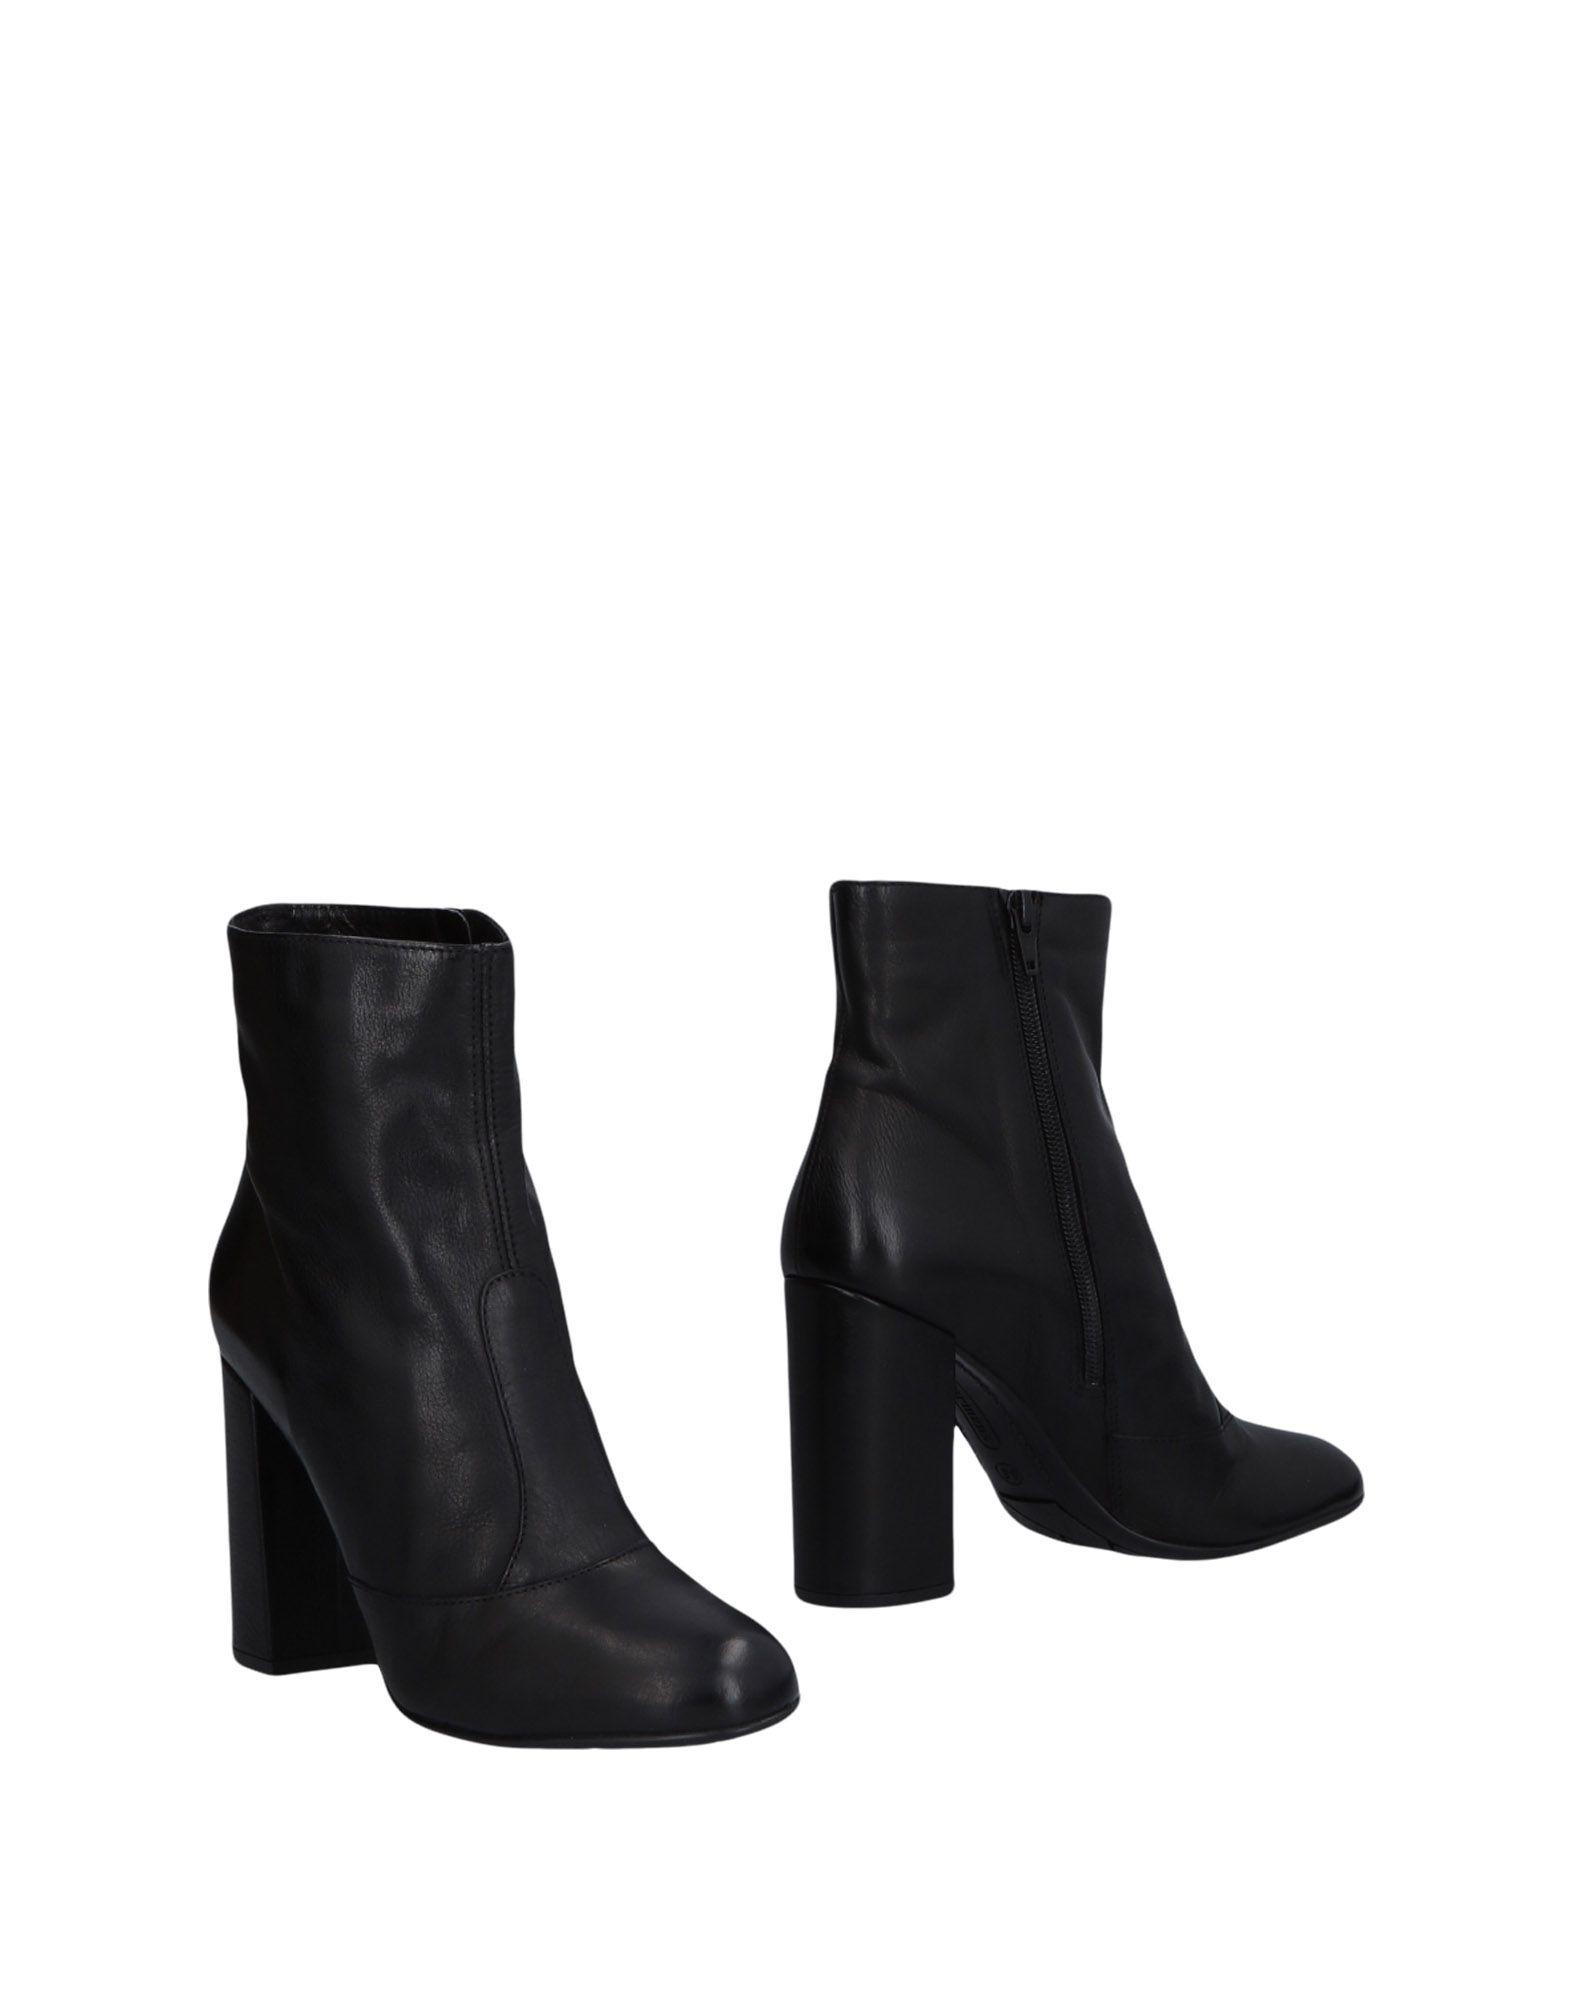 Carmens Stiefelette Damen  11481622VJ Gute Qualität beliebte Schuhe